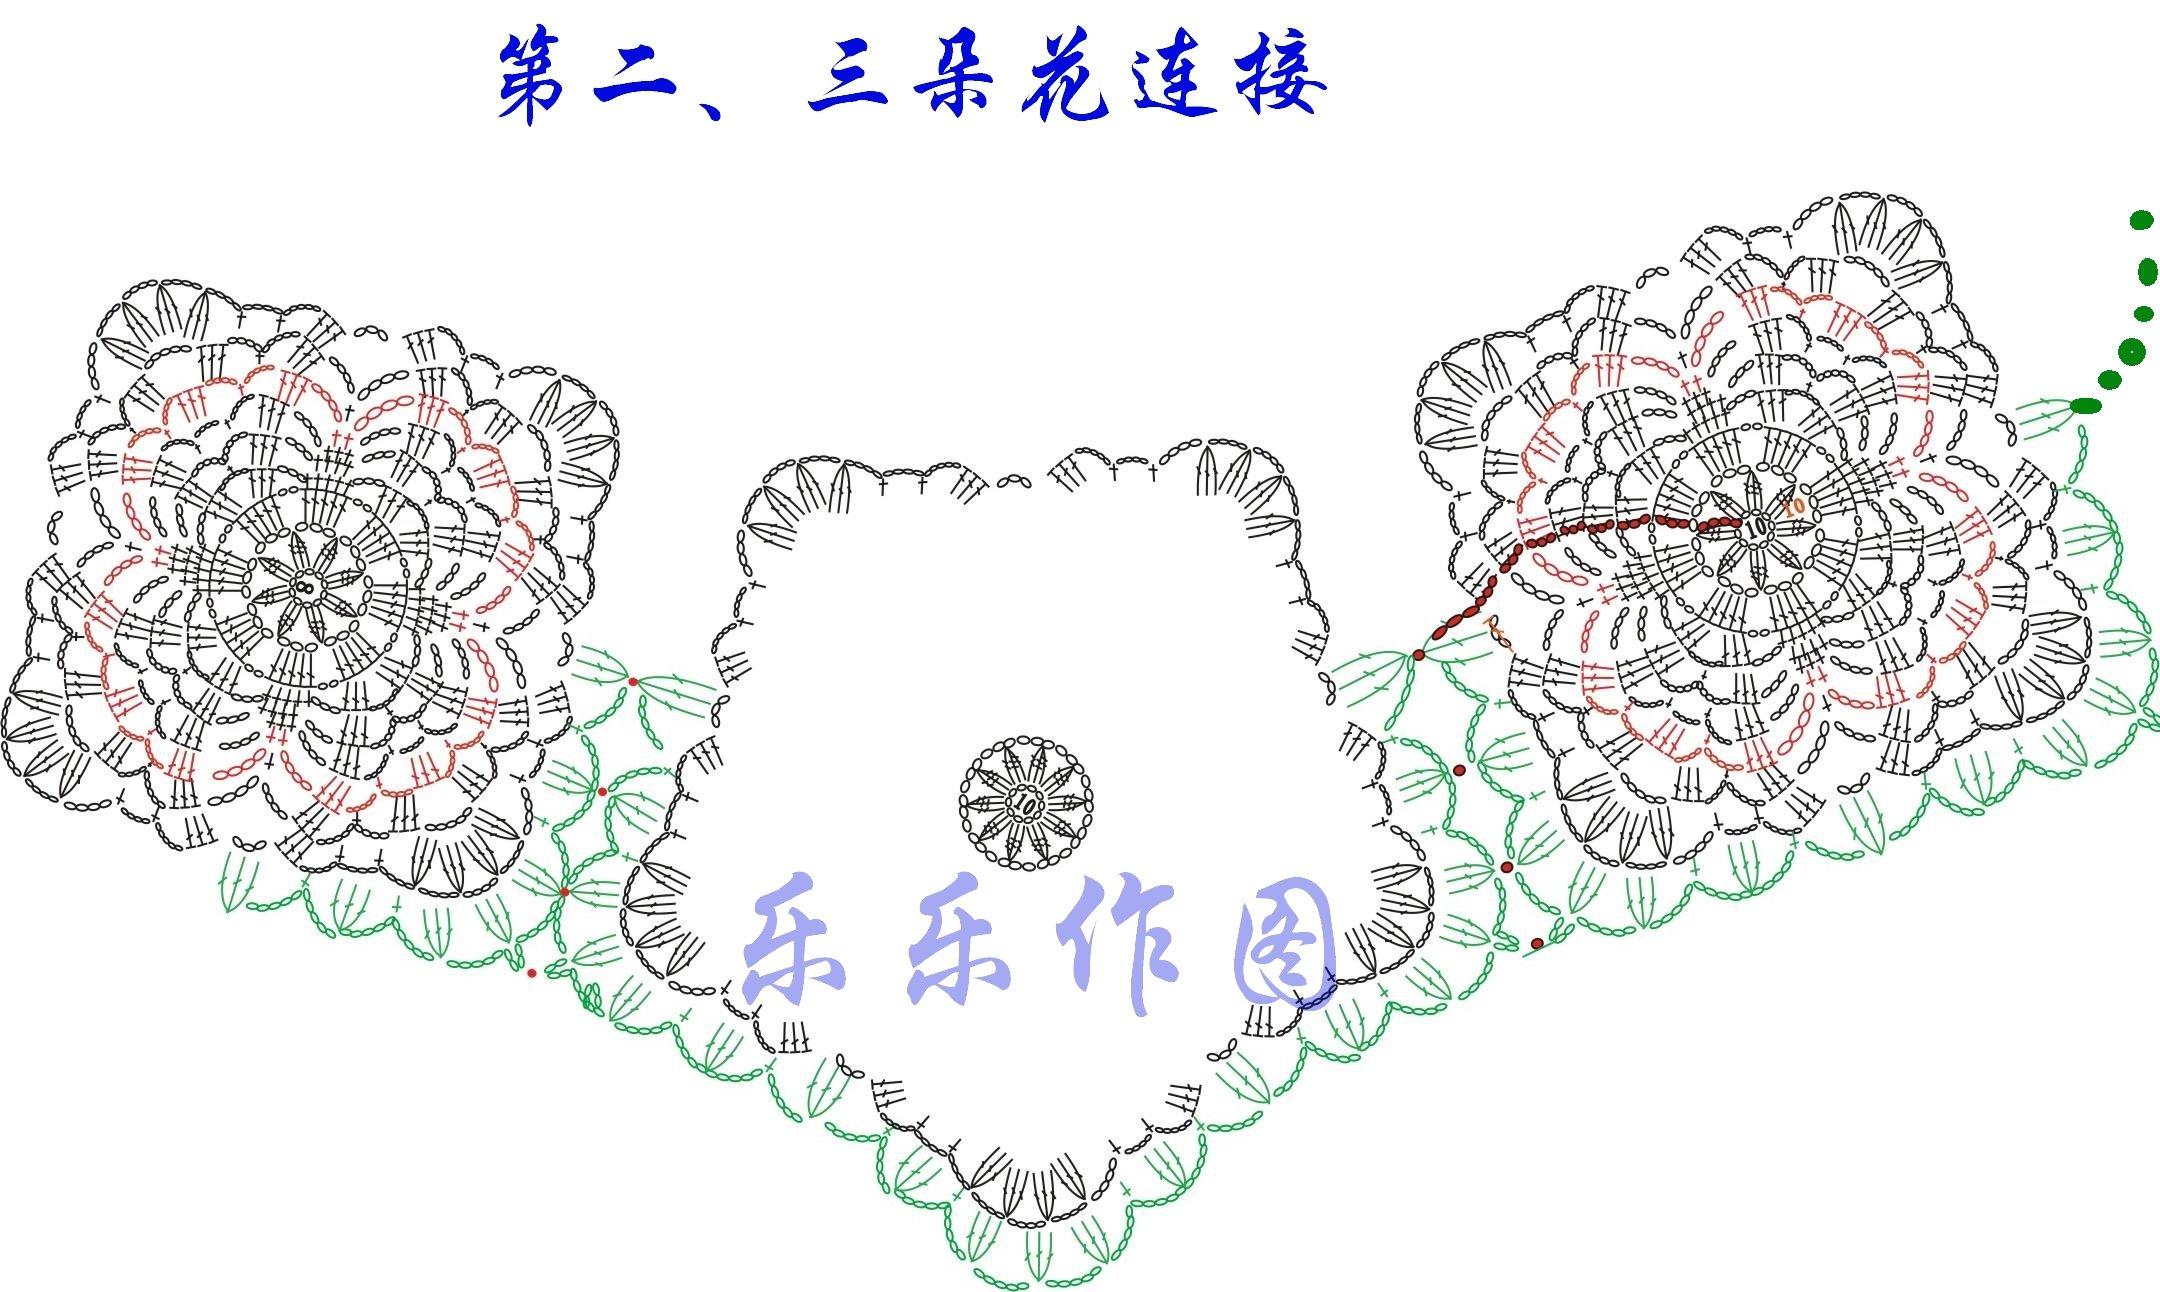 第二、三朵花连接.jpg